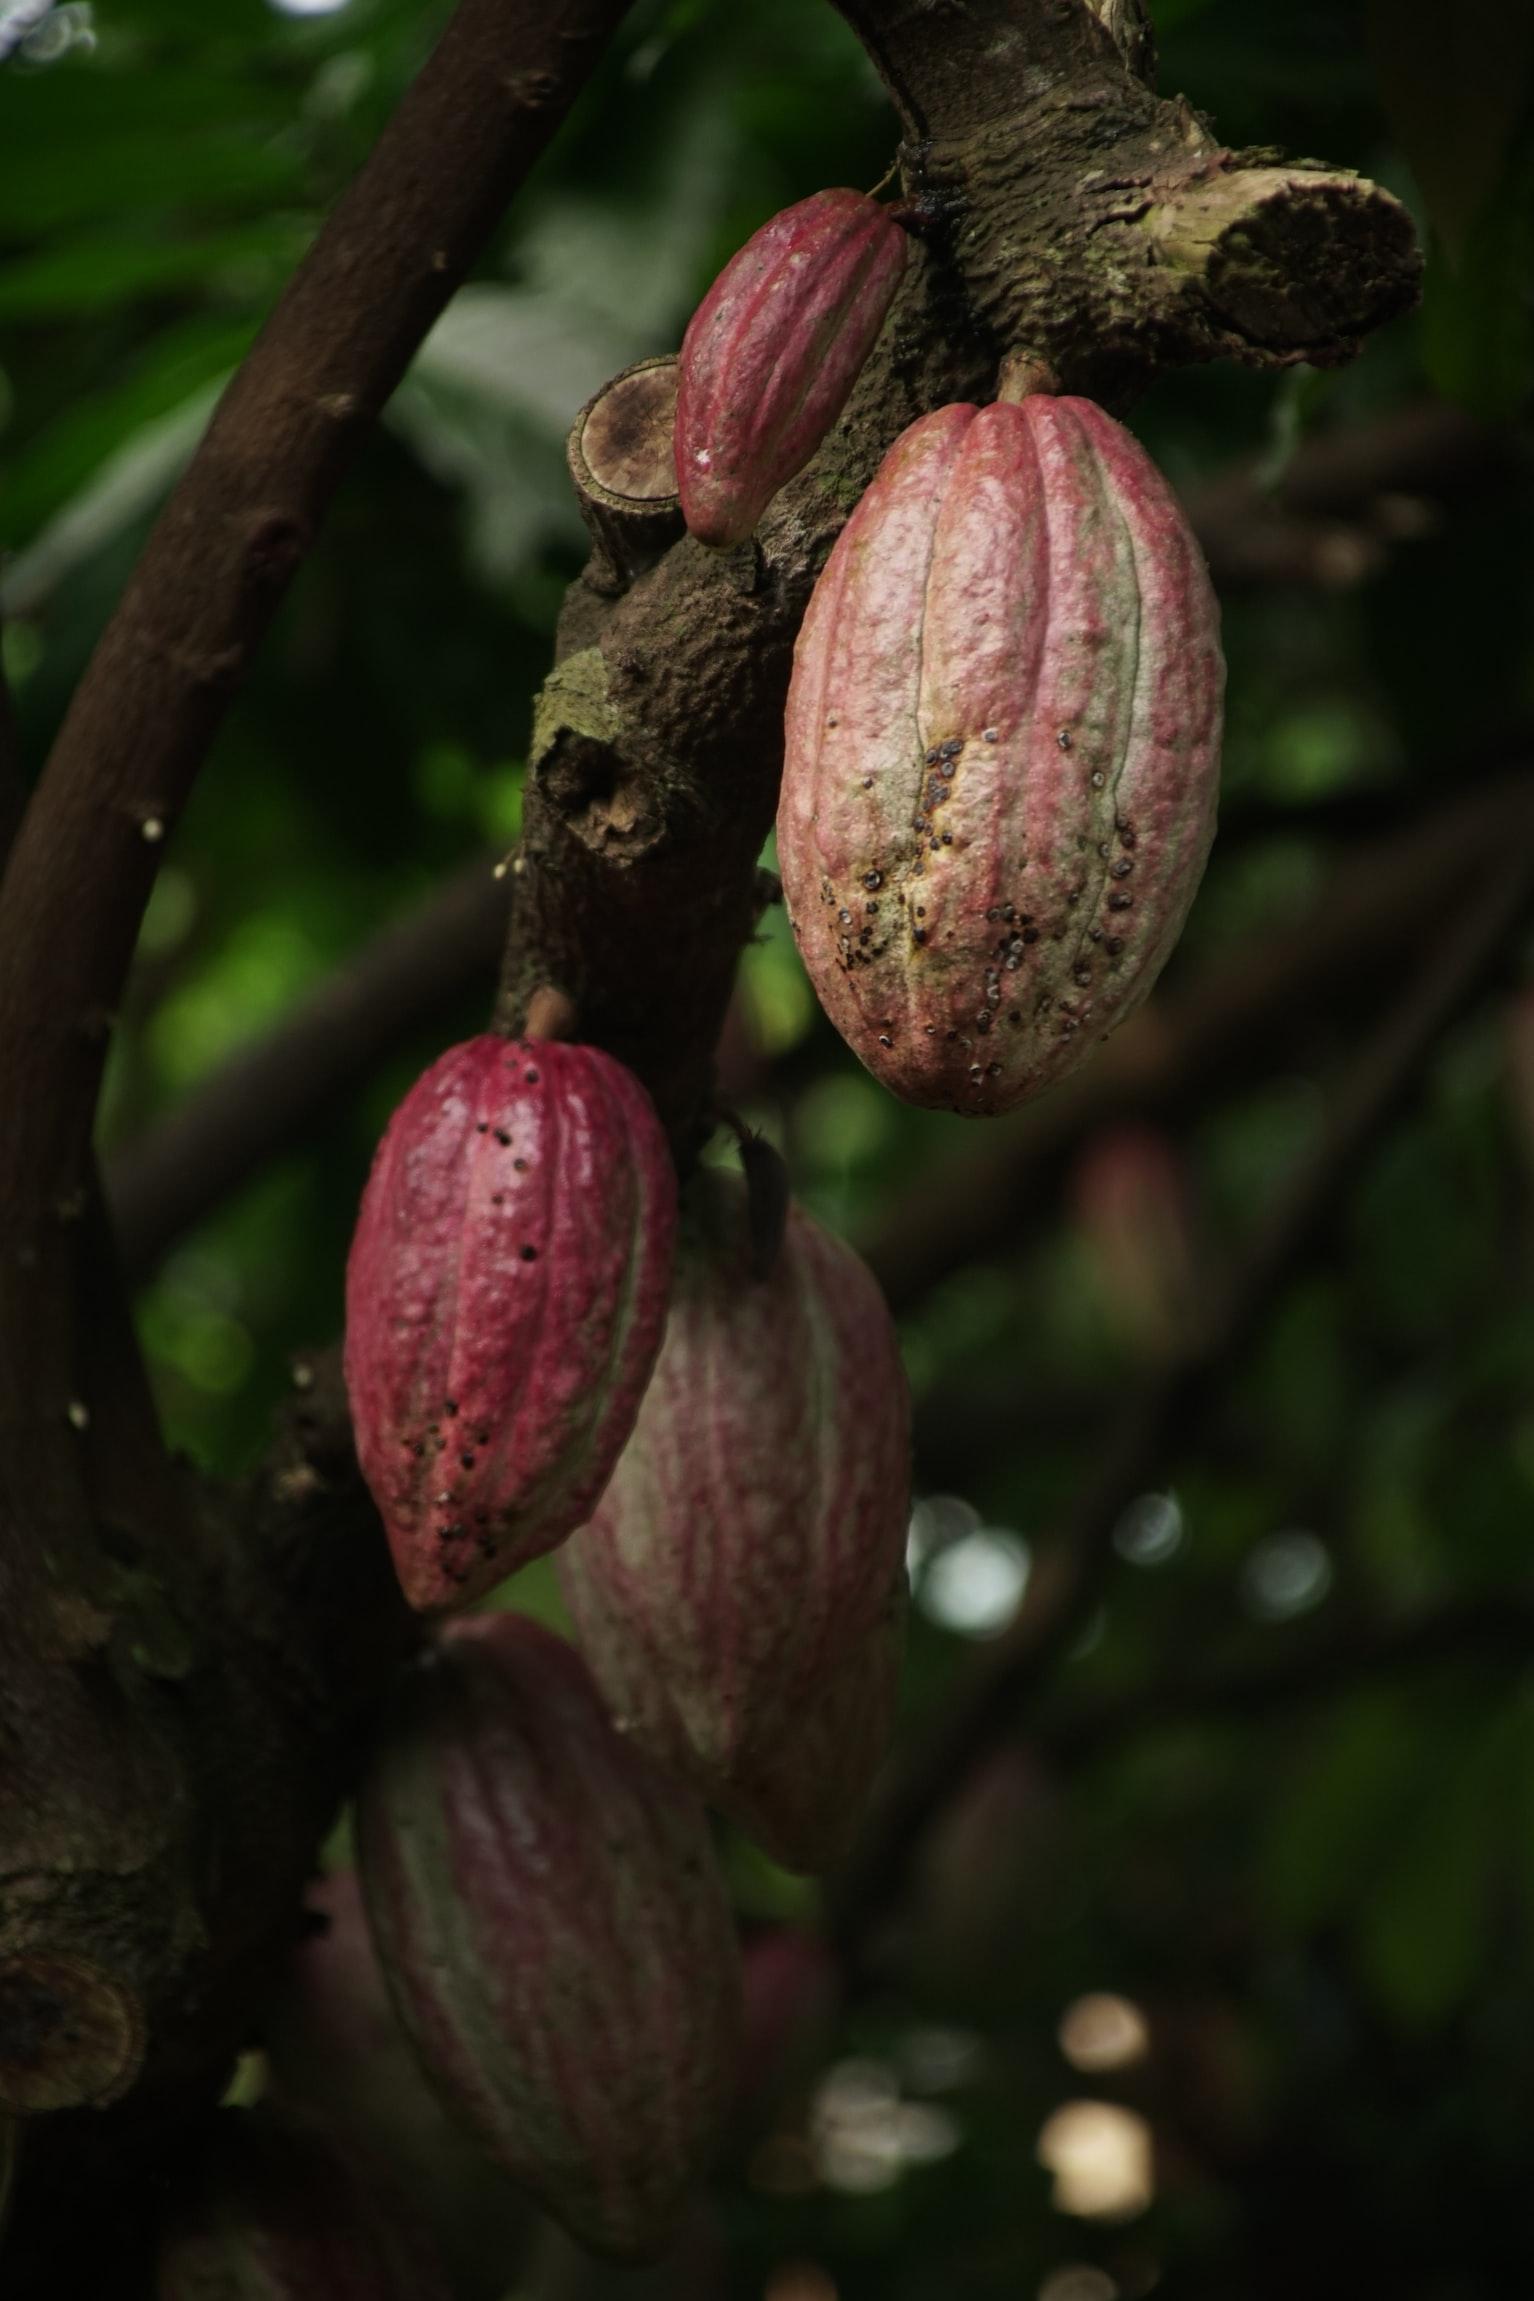 chocobeans